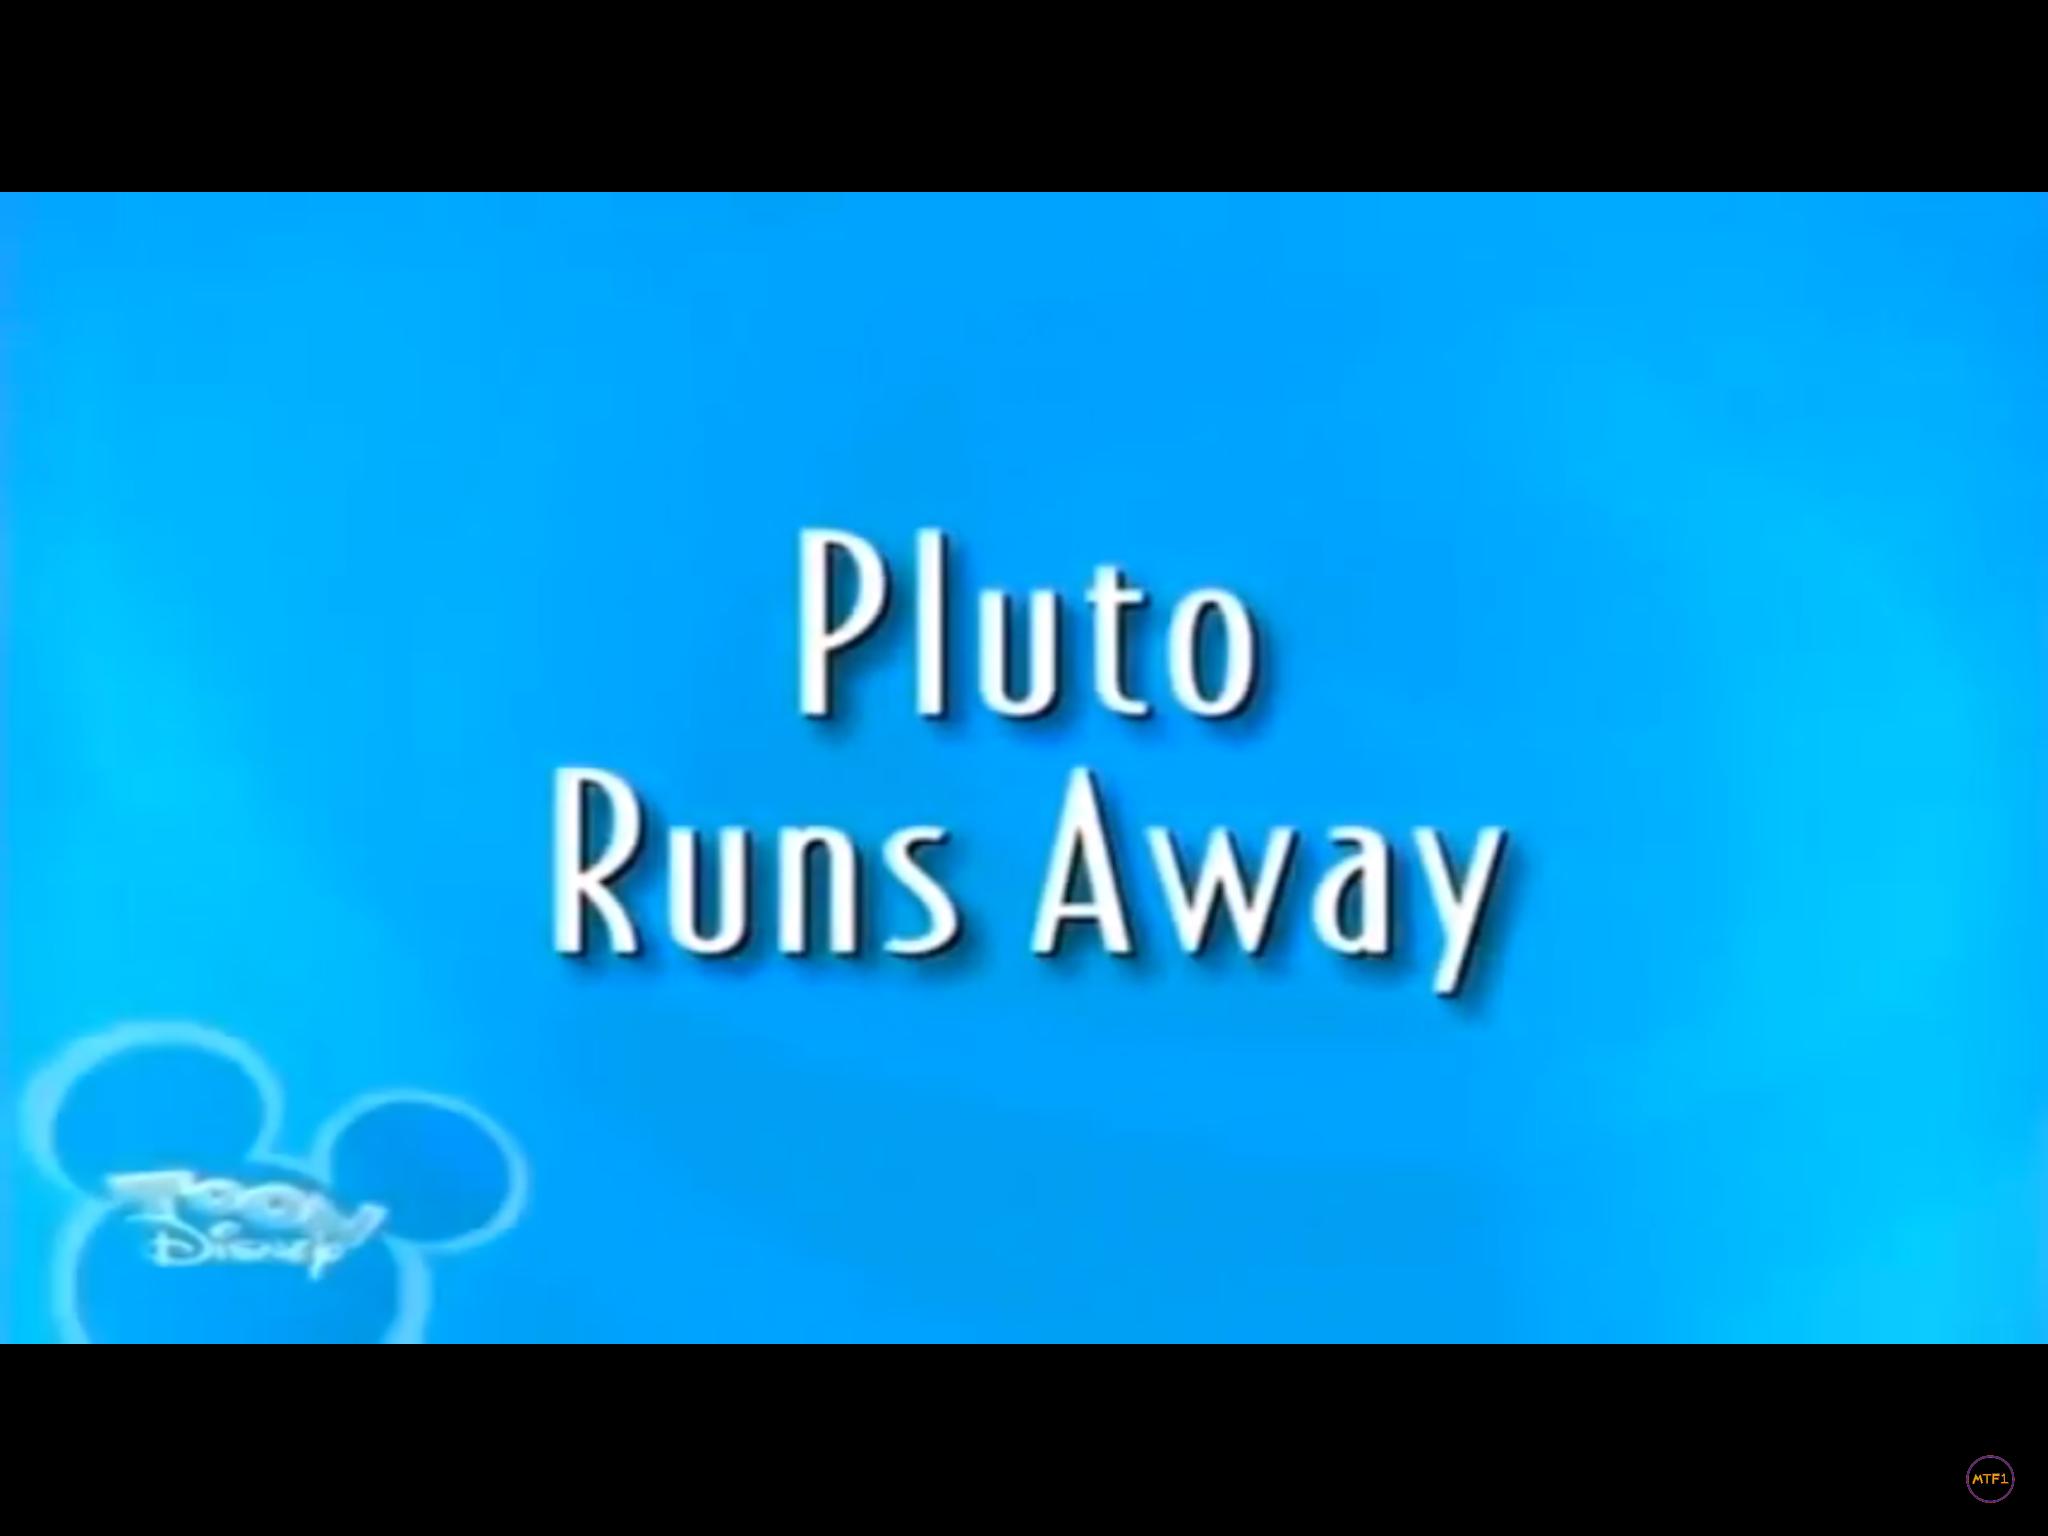 Pluto Runs Away